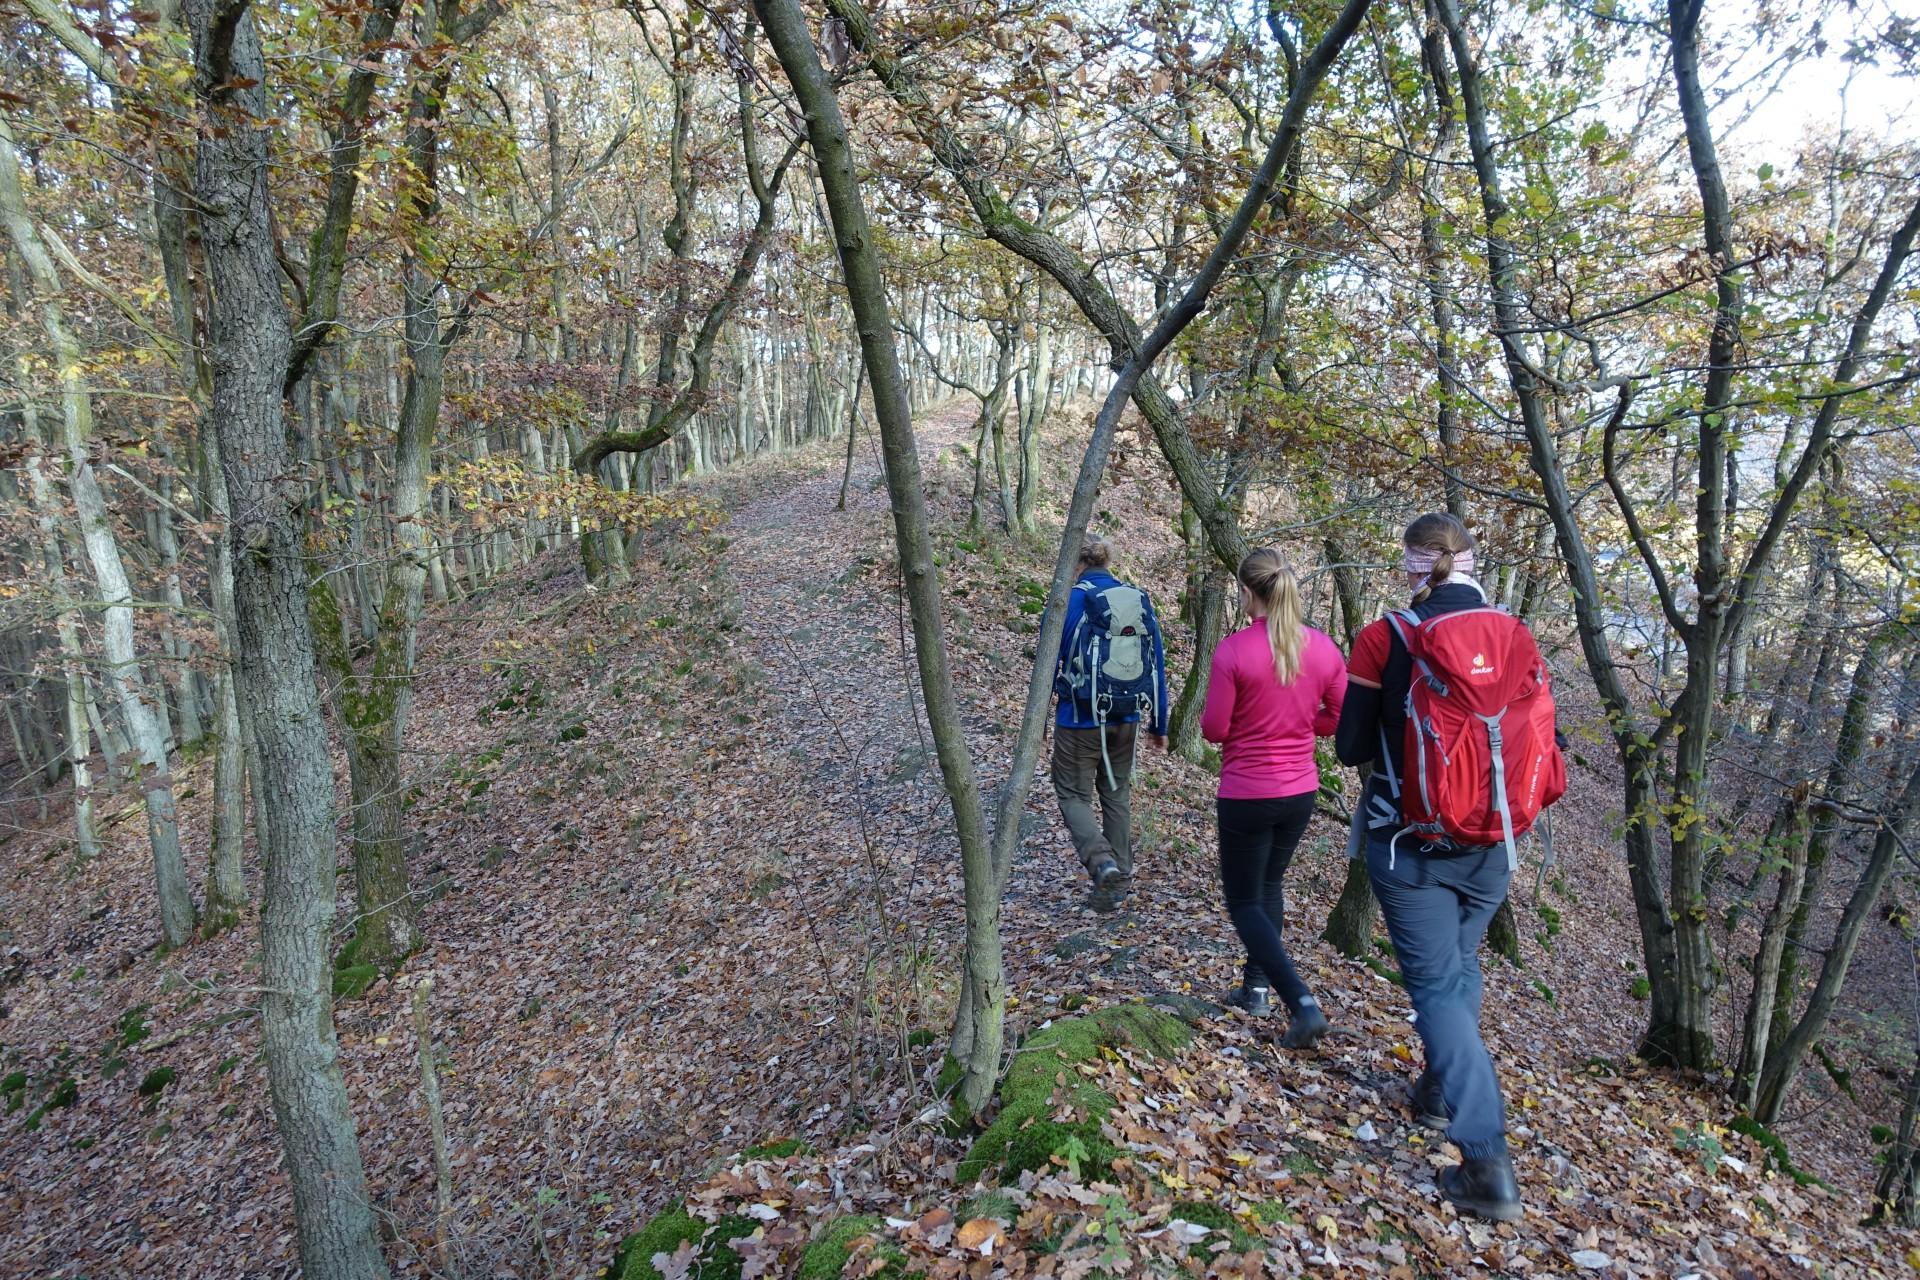 Klettersteig Rheinsteig Boppard : Mittelrheinklettersteig trailrunning hunsrück